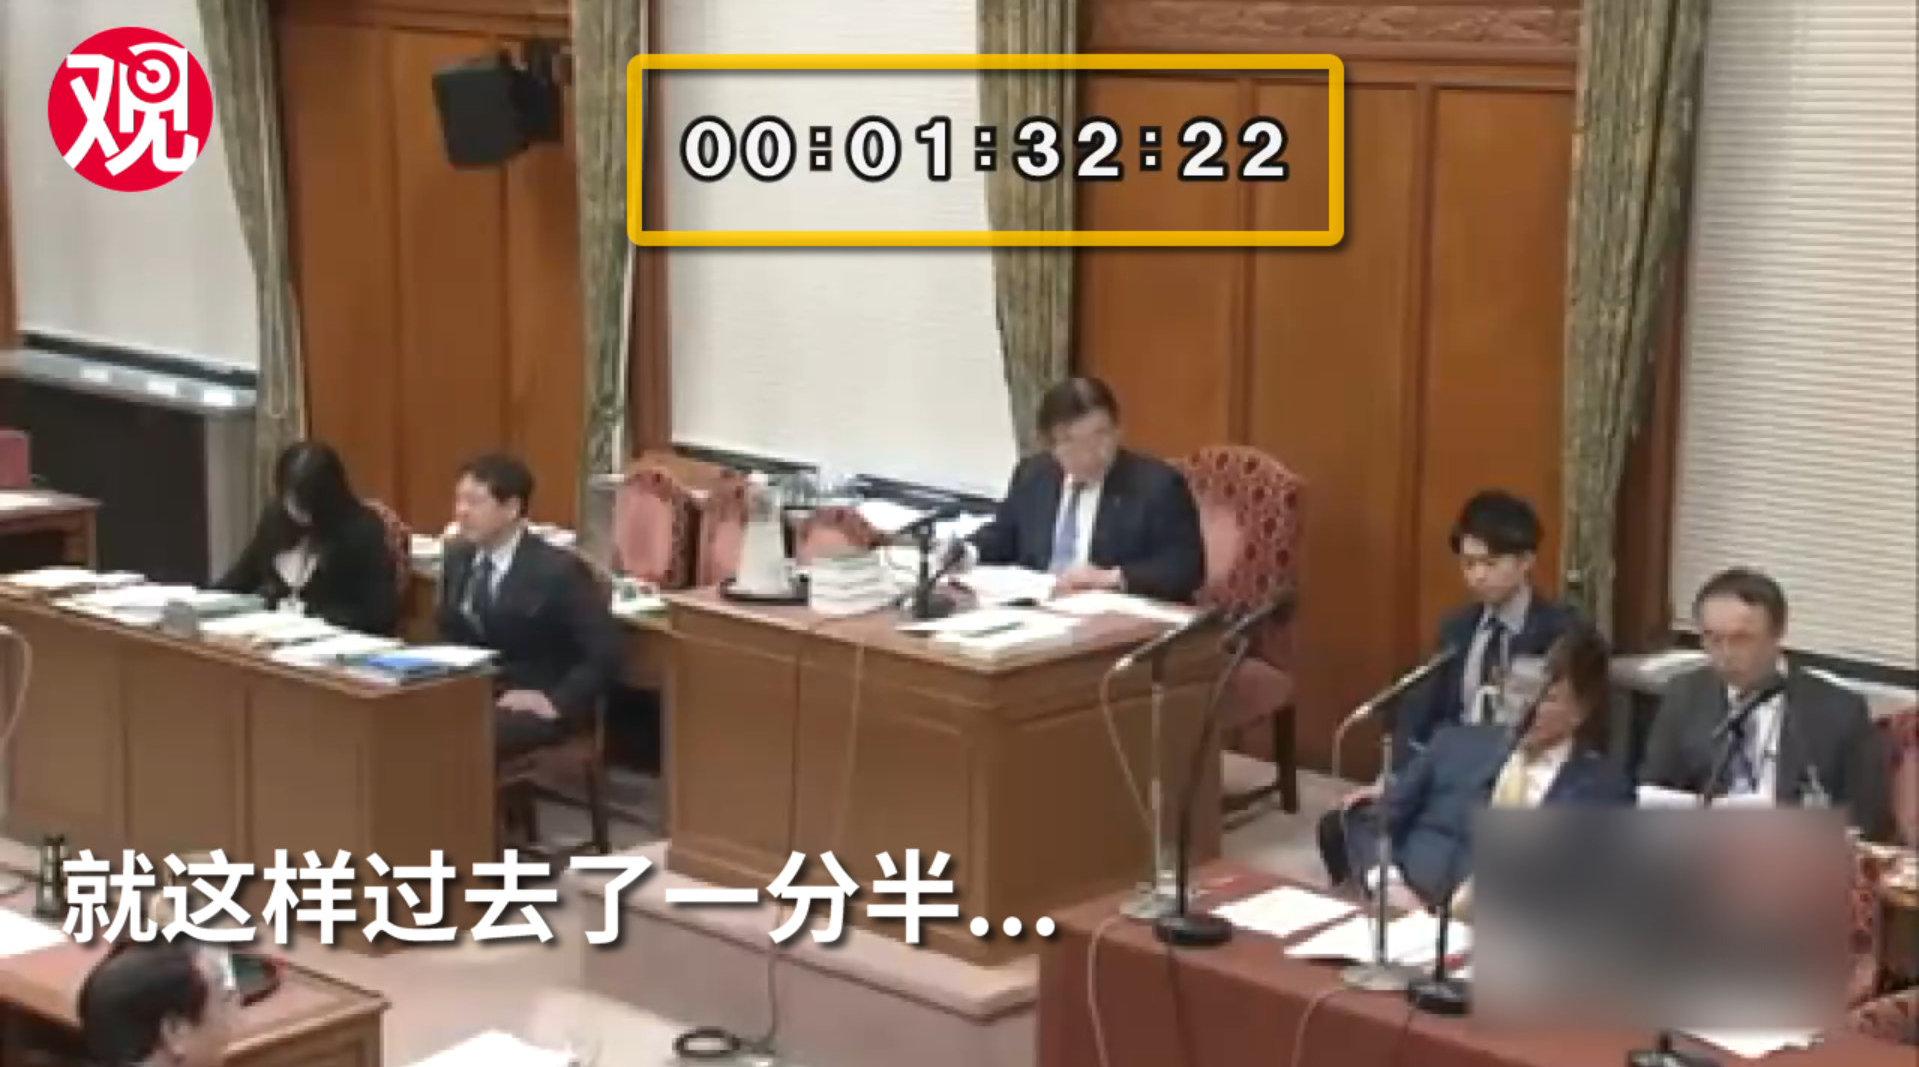 被追问中国捐赠的检测盒怎么样了 厚生劳动大臣现场沉默1分半钟